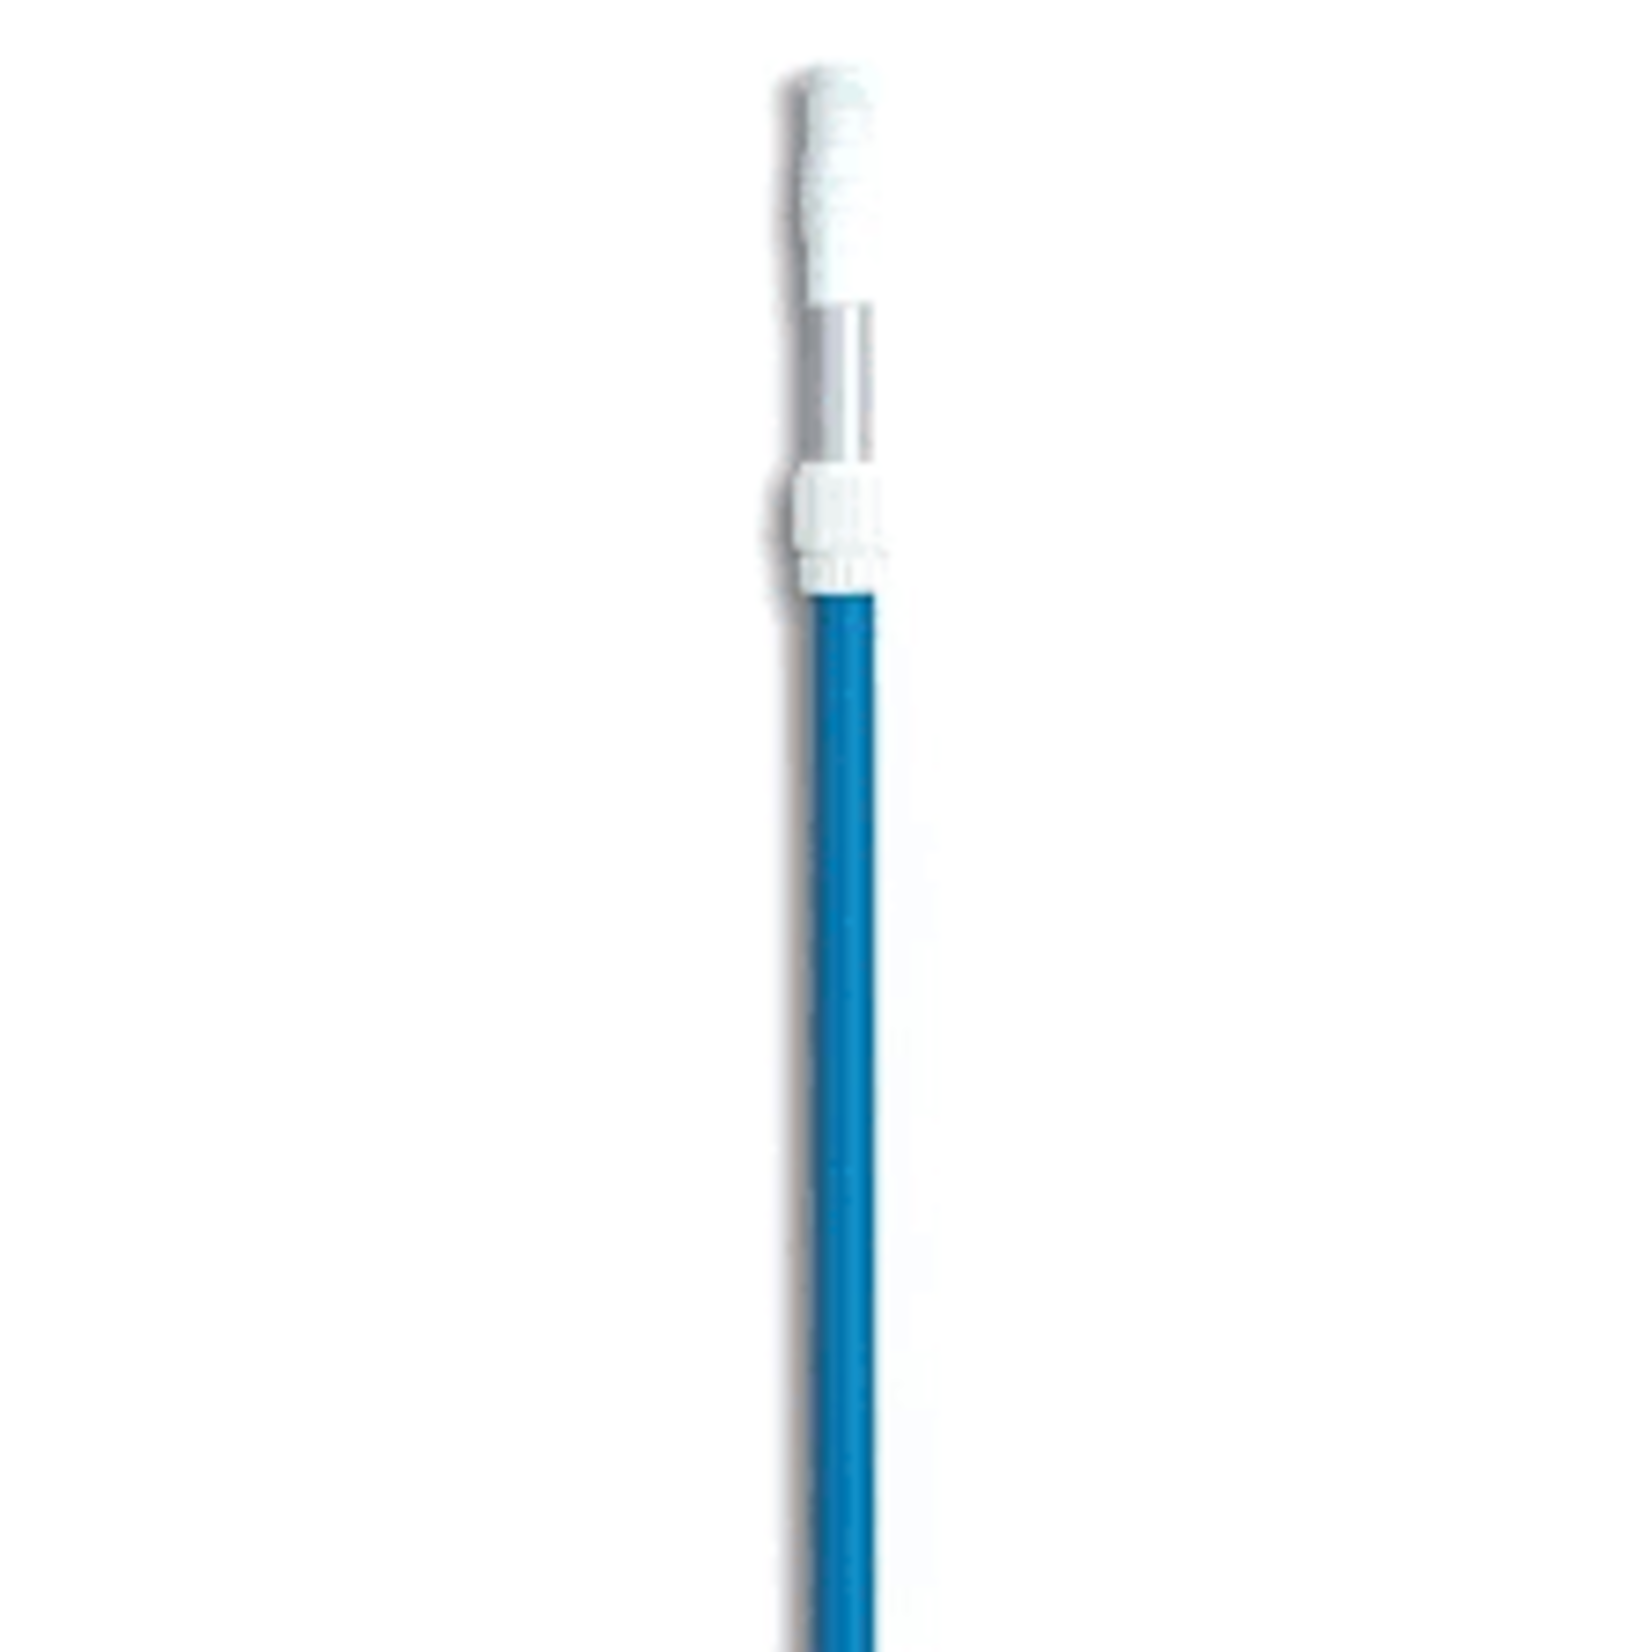 TELESCOPIC POLE SILVER/BLUE 8'-16'